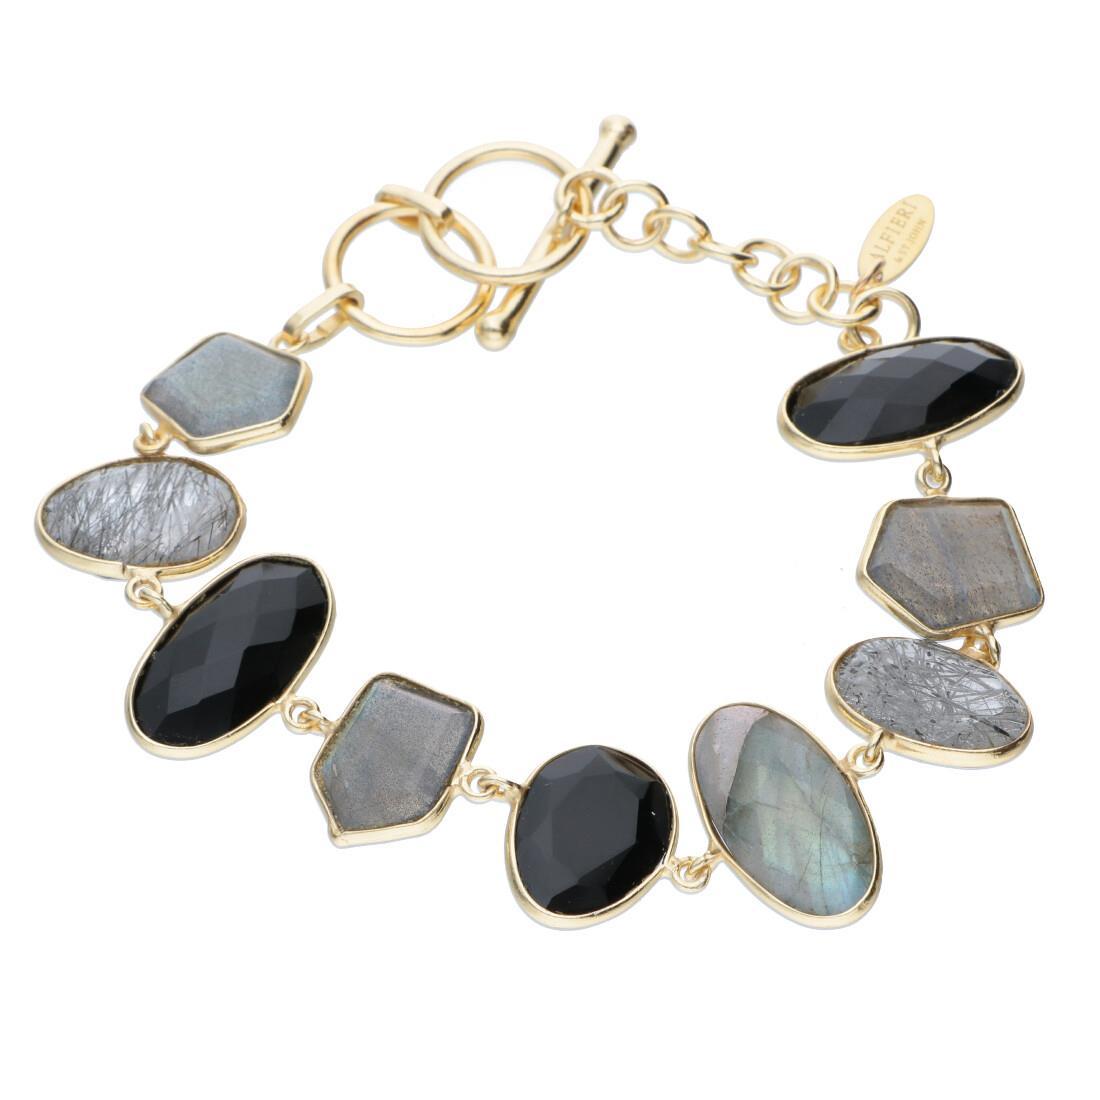 Bracciale in argento 925 con pietre colorate - ALFIERI & ST. JOHN 925